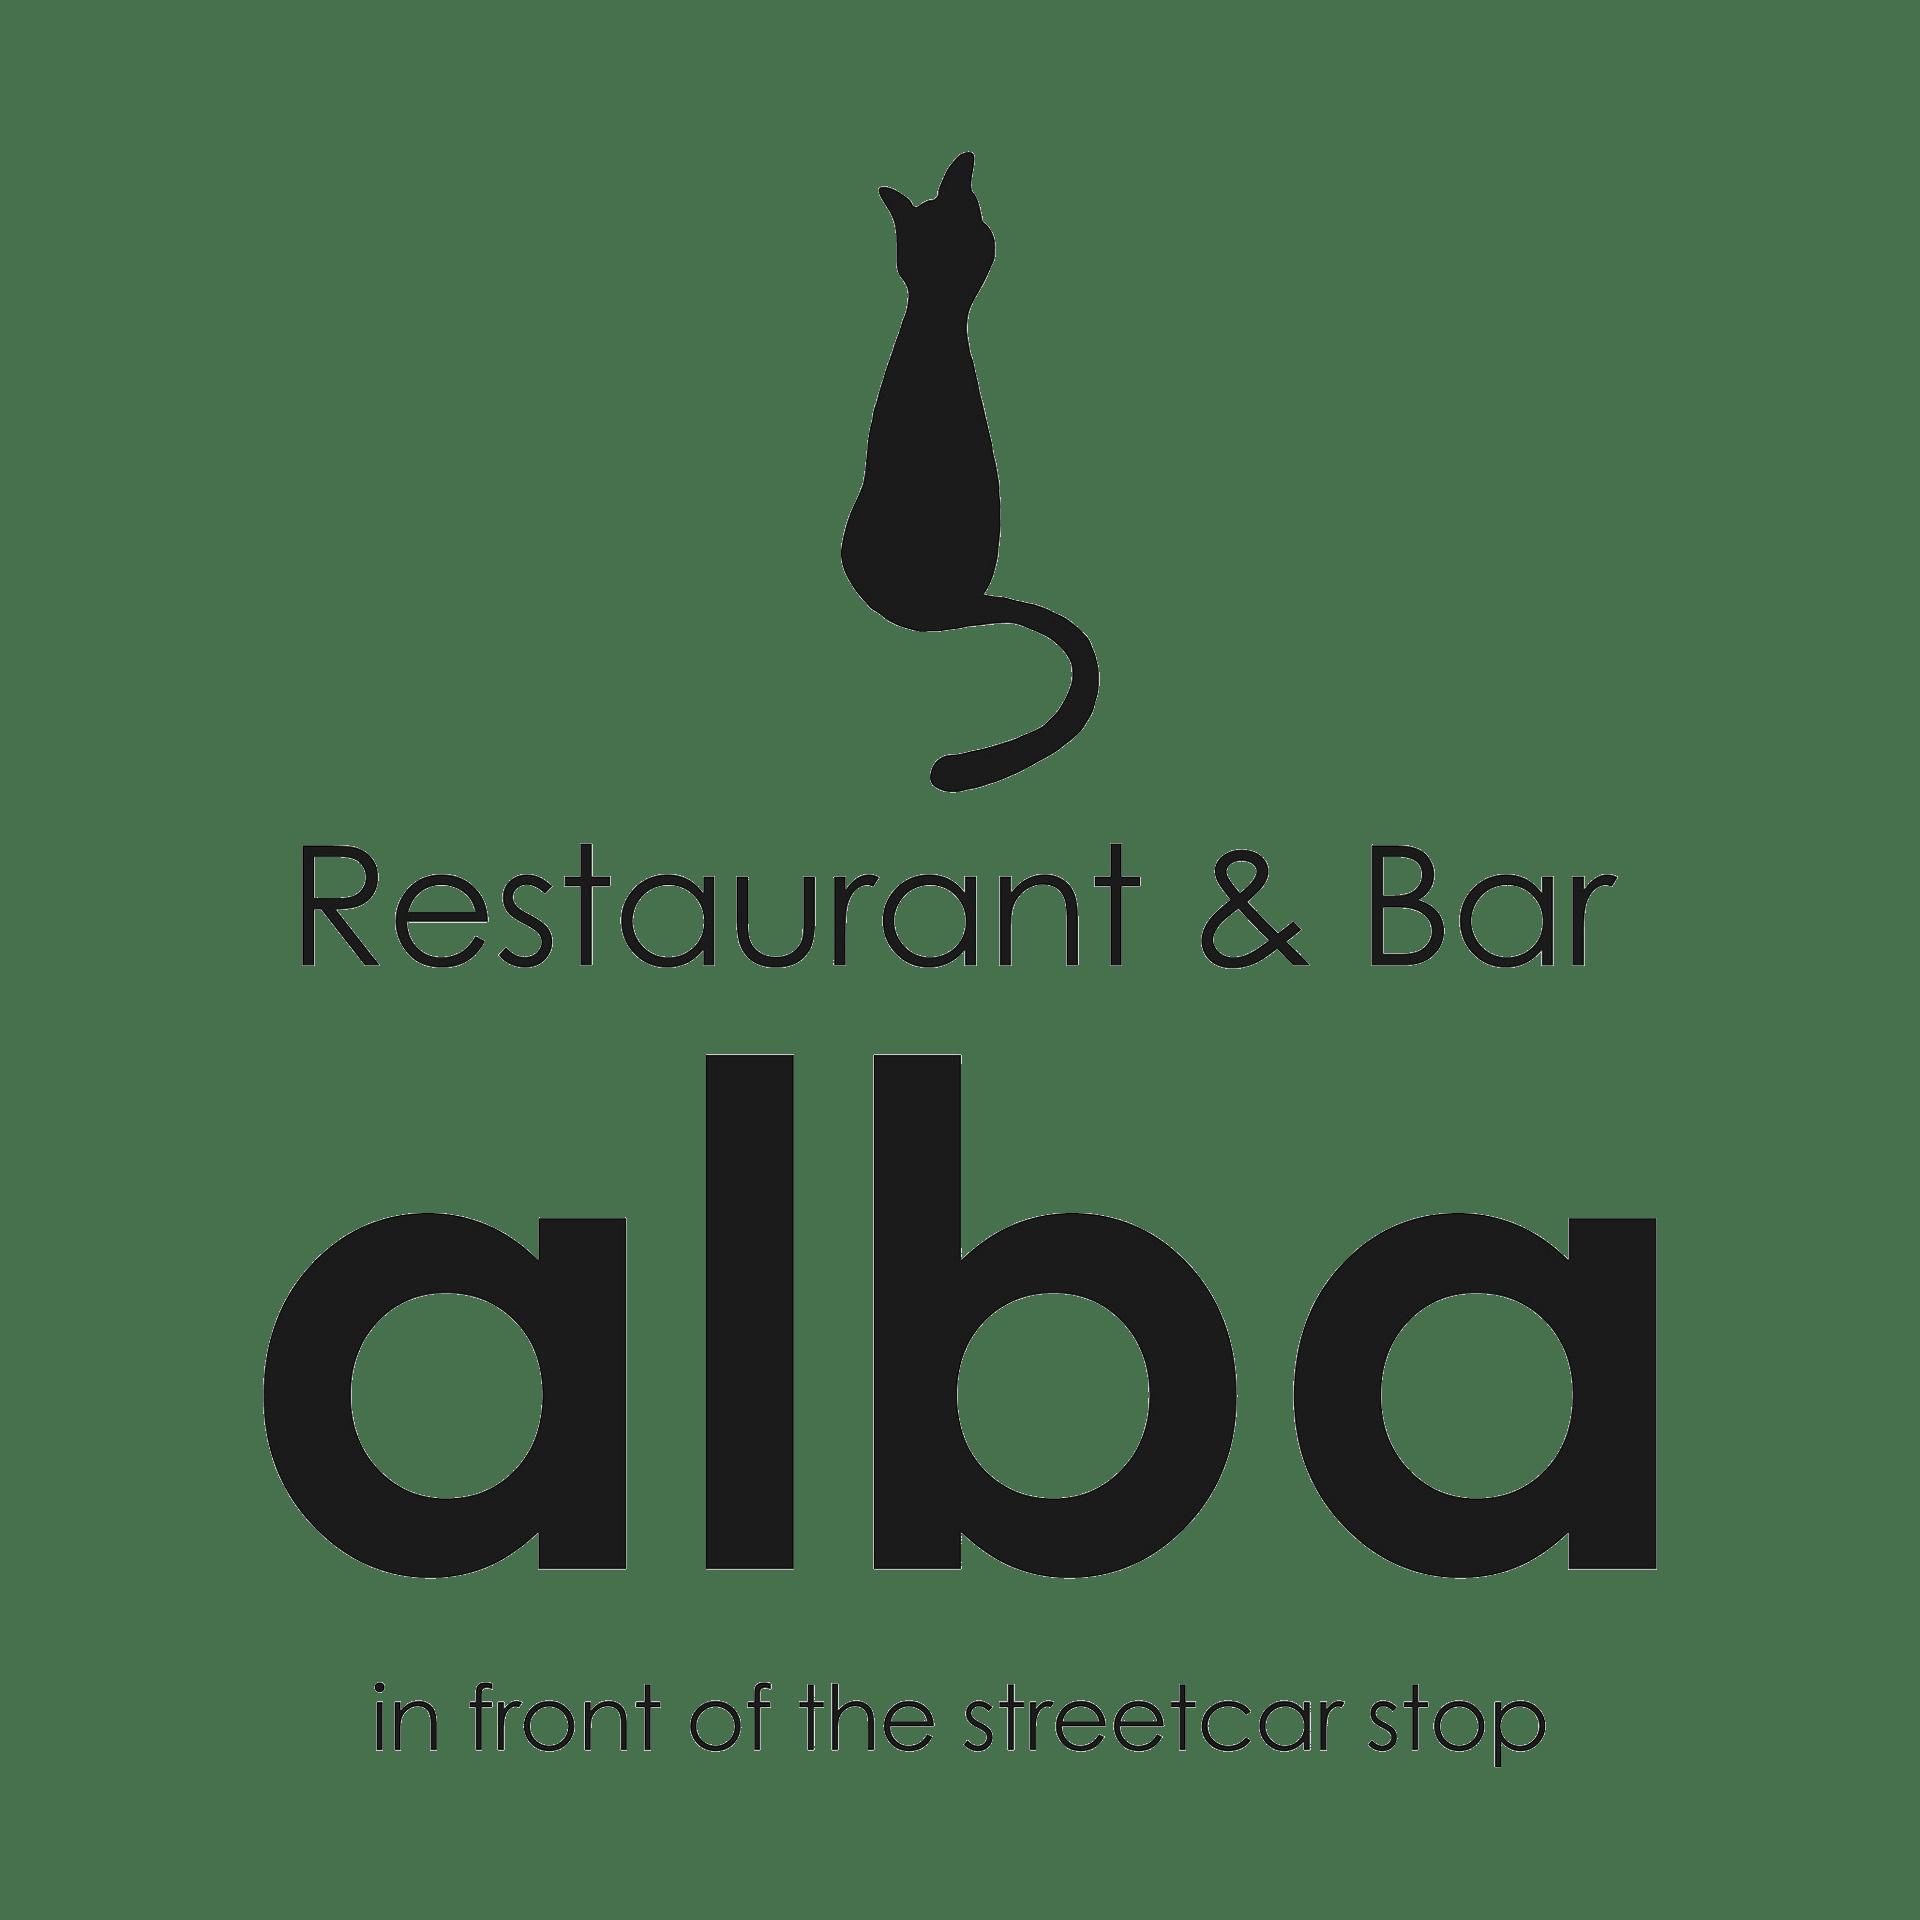 電停のレストラン&バー アルバ